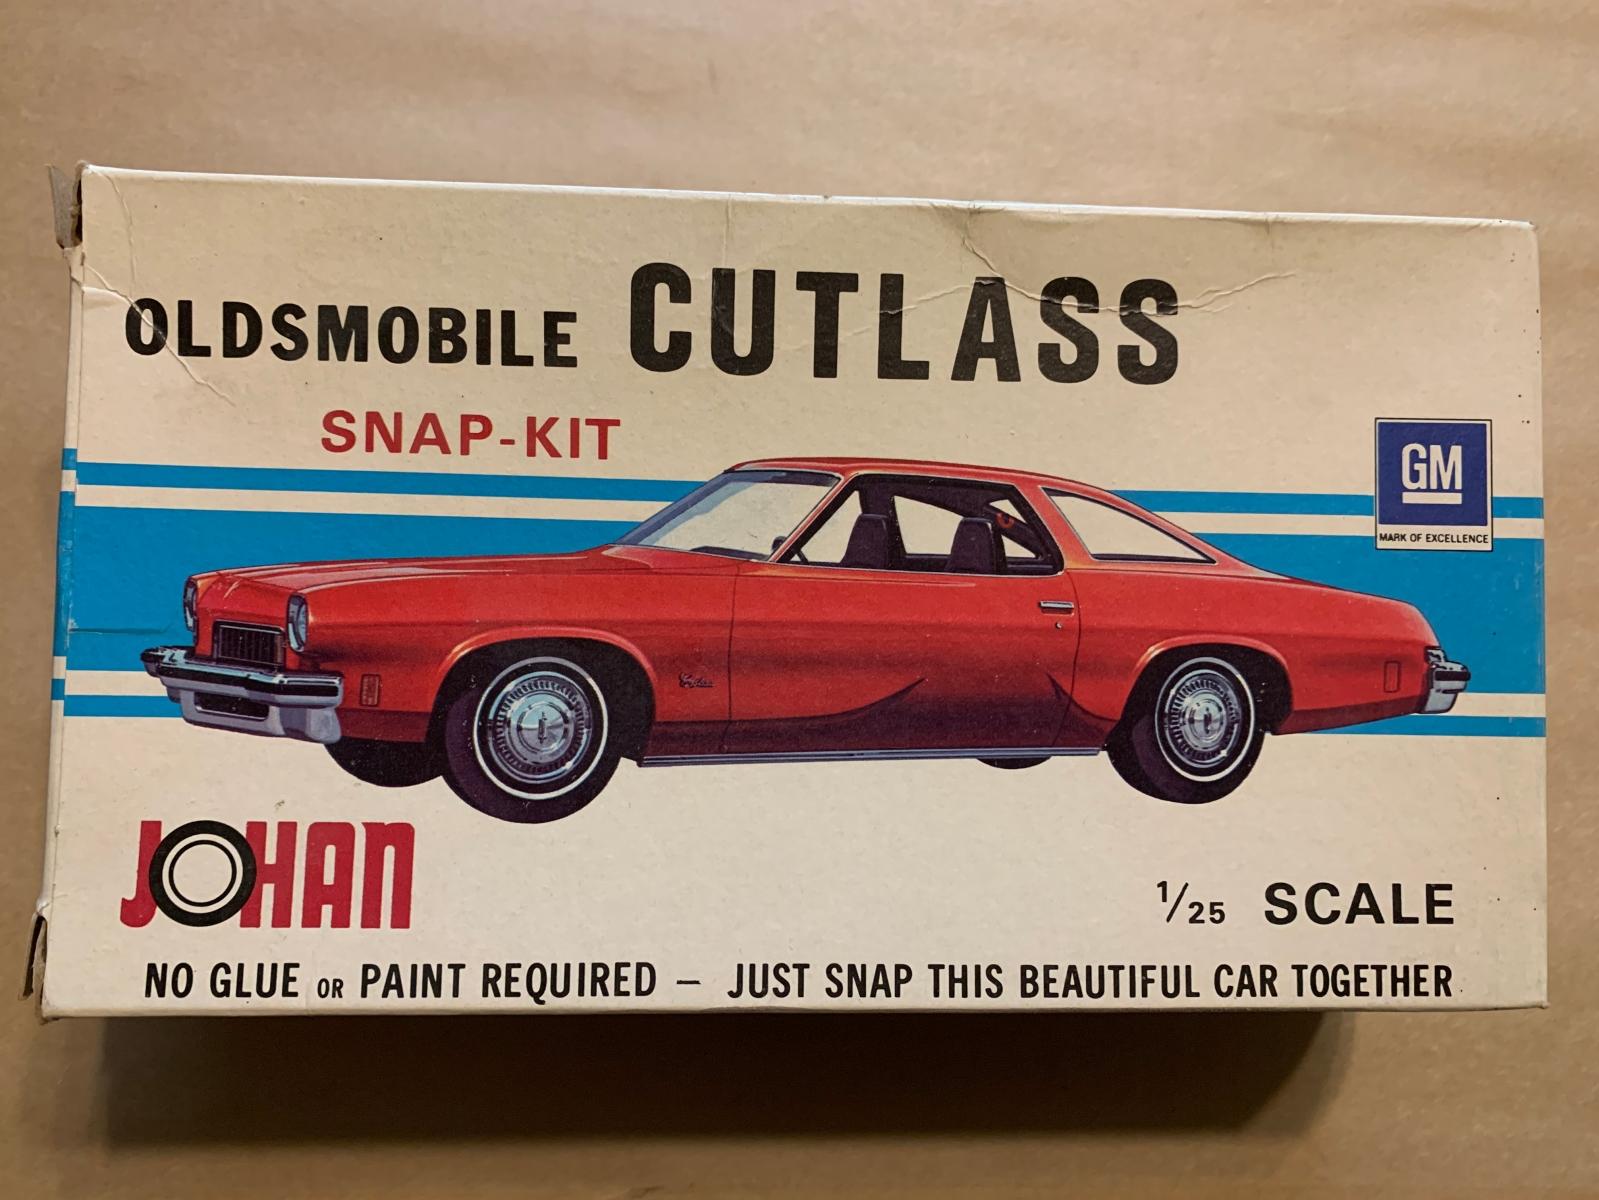 1975 Oldsmobile Cutlass by Jo-Han